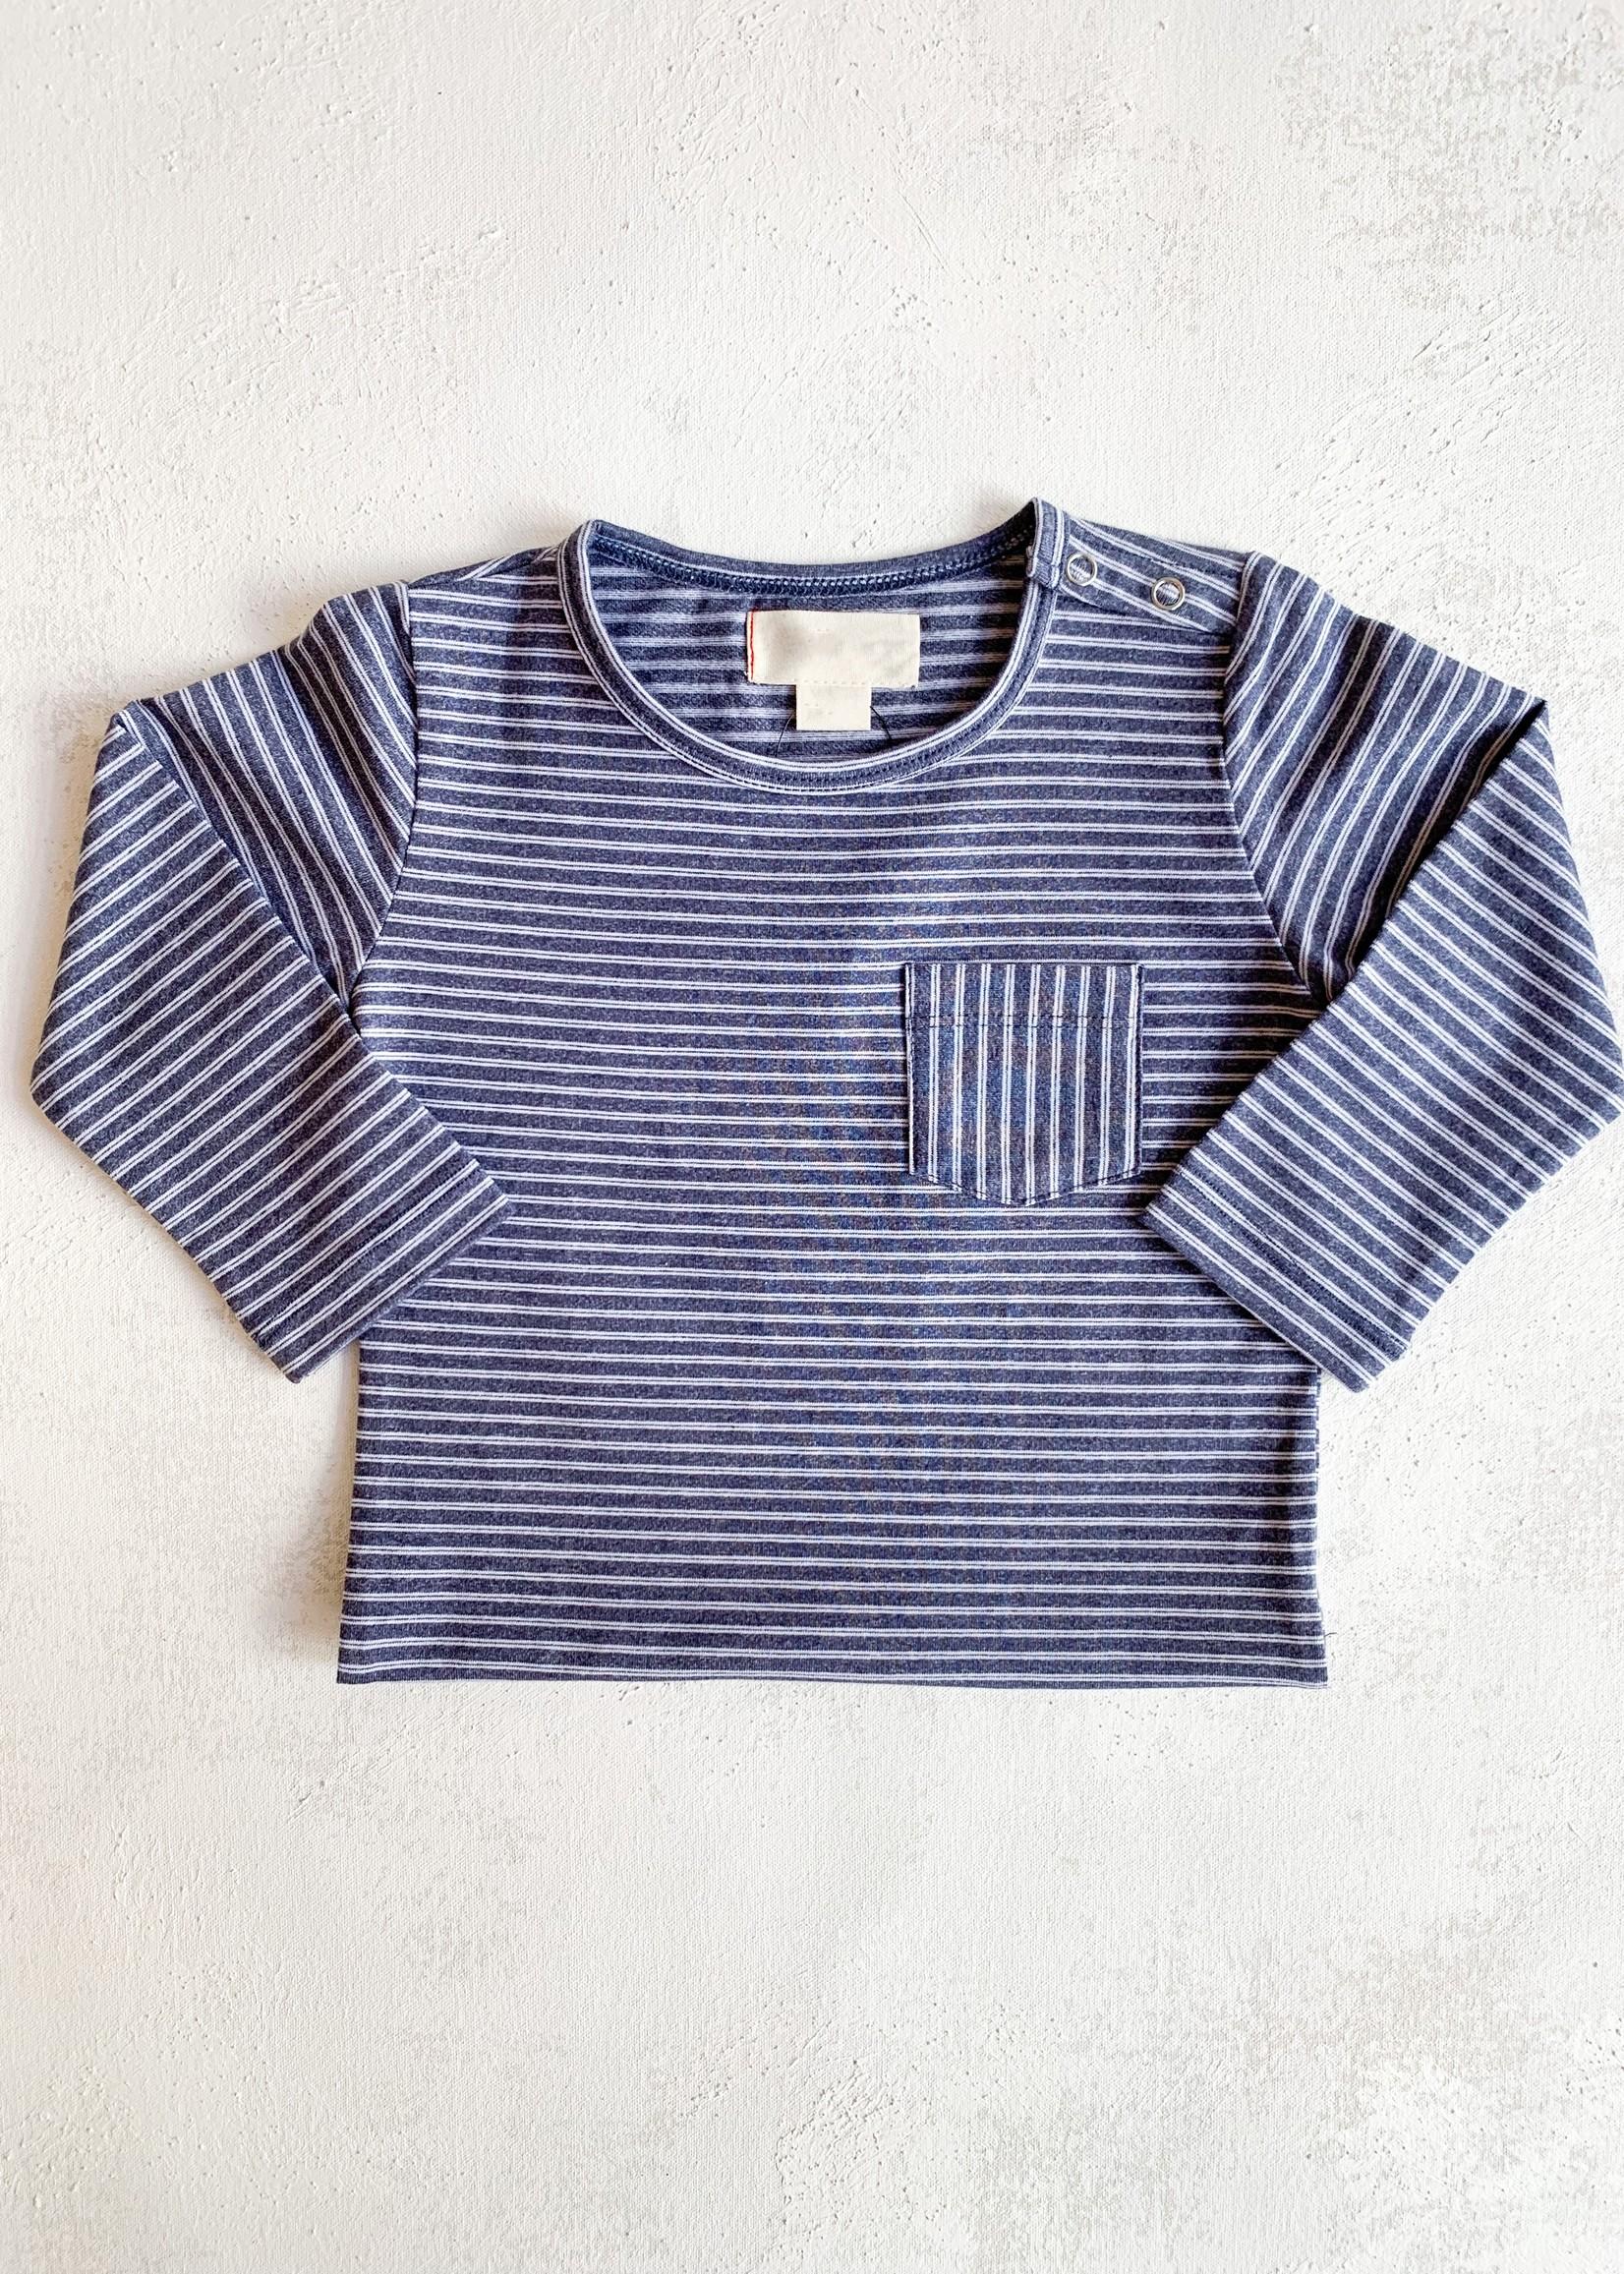 Elitaire Petite Classic Striped Onesie in Blue